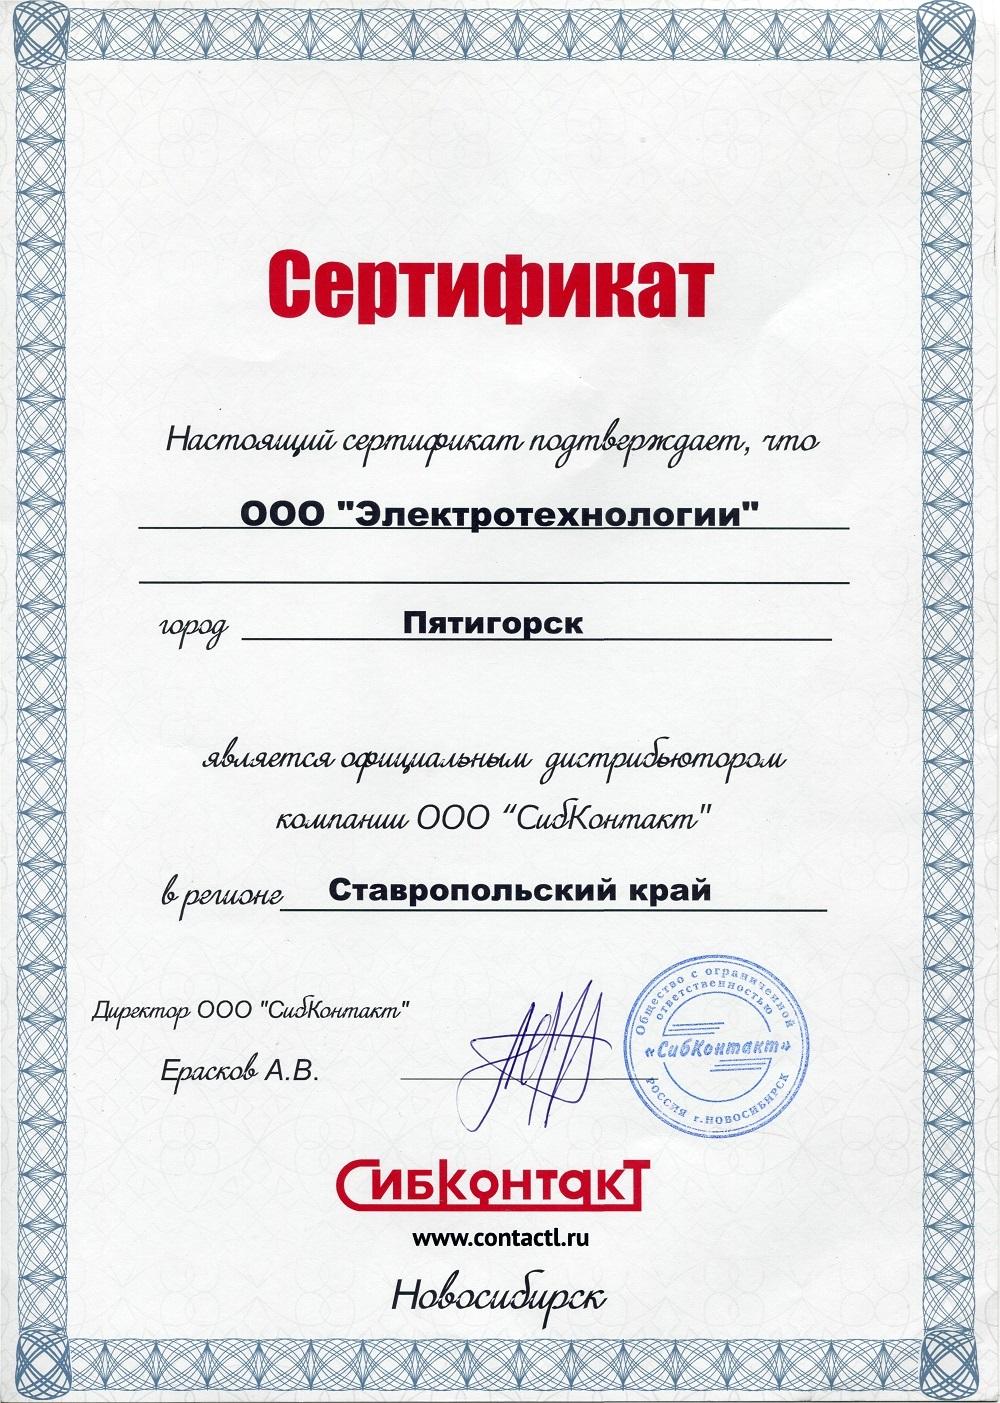 Сертификат официального дистрибьютера Сибконтакт компания ООО Электротехнология